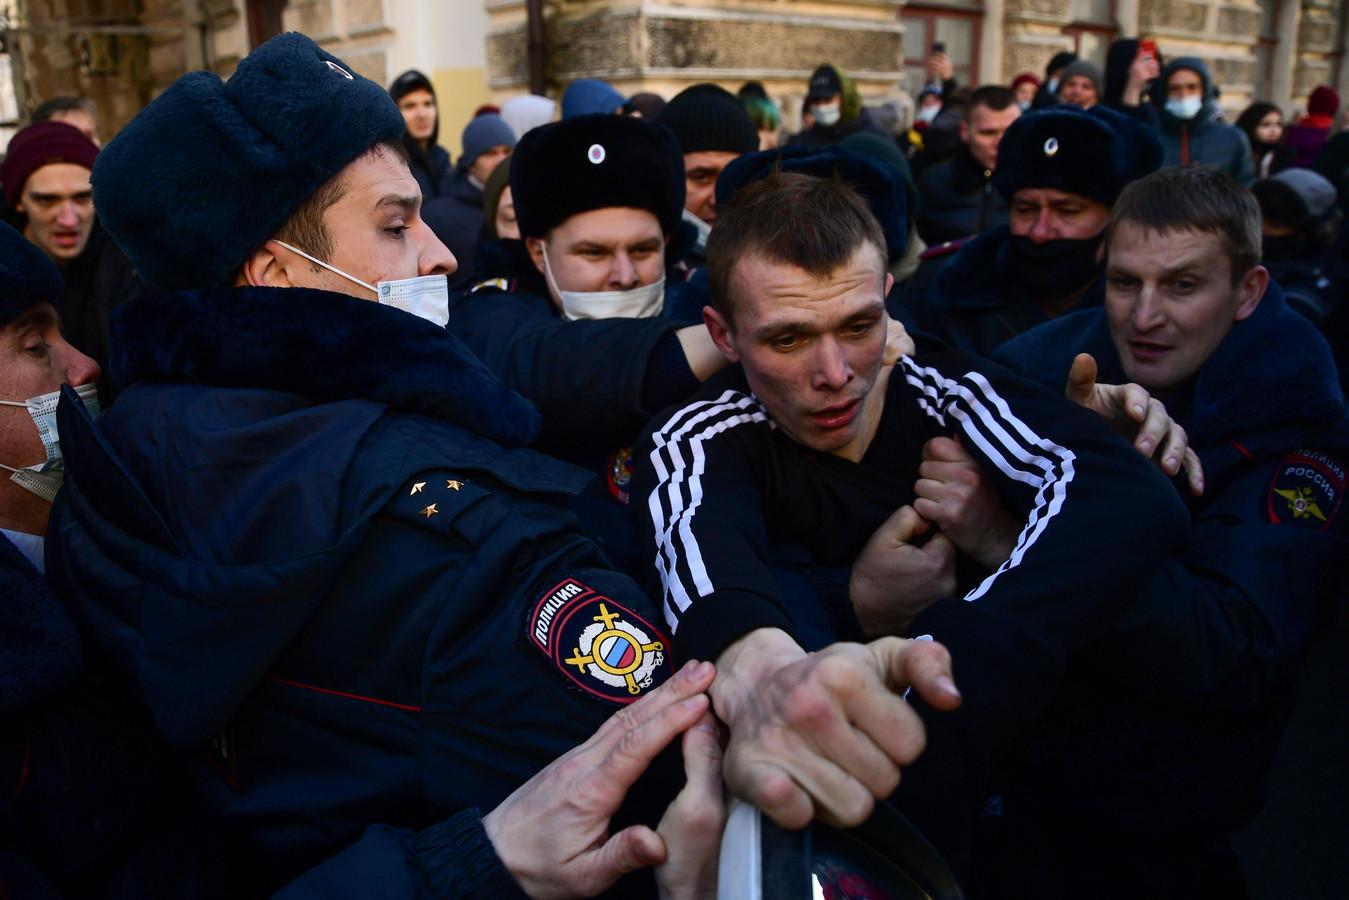 In Chabarovsk is de ontevredenheid van de mensen ook gericht tegen de arrestatie van een geliefde ex-gouverneur.